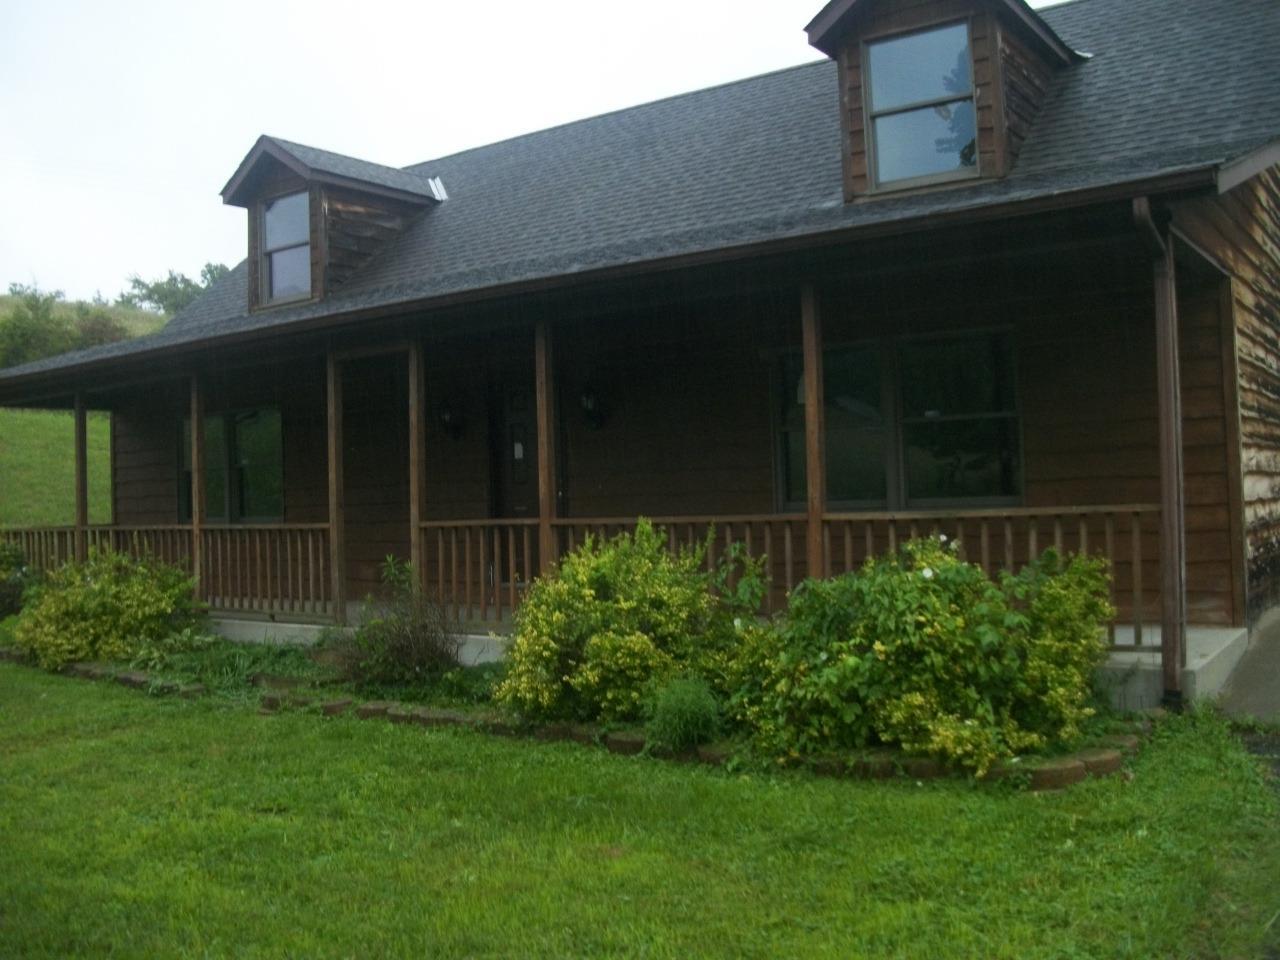 2405 Verona Mount Zion Rd, Crittenden, KY 41030